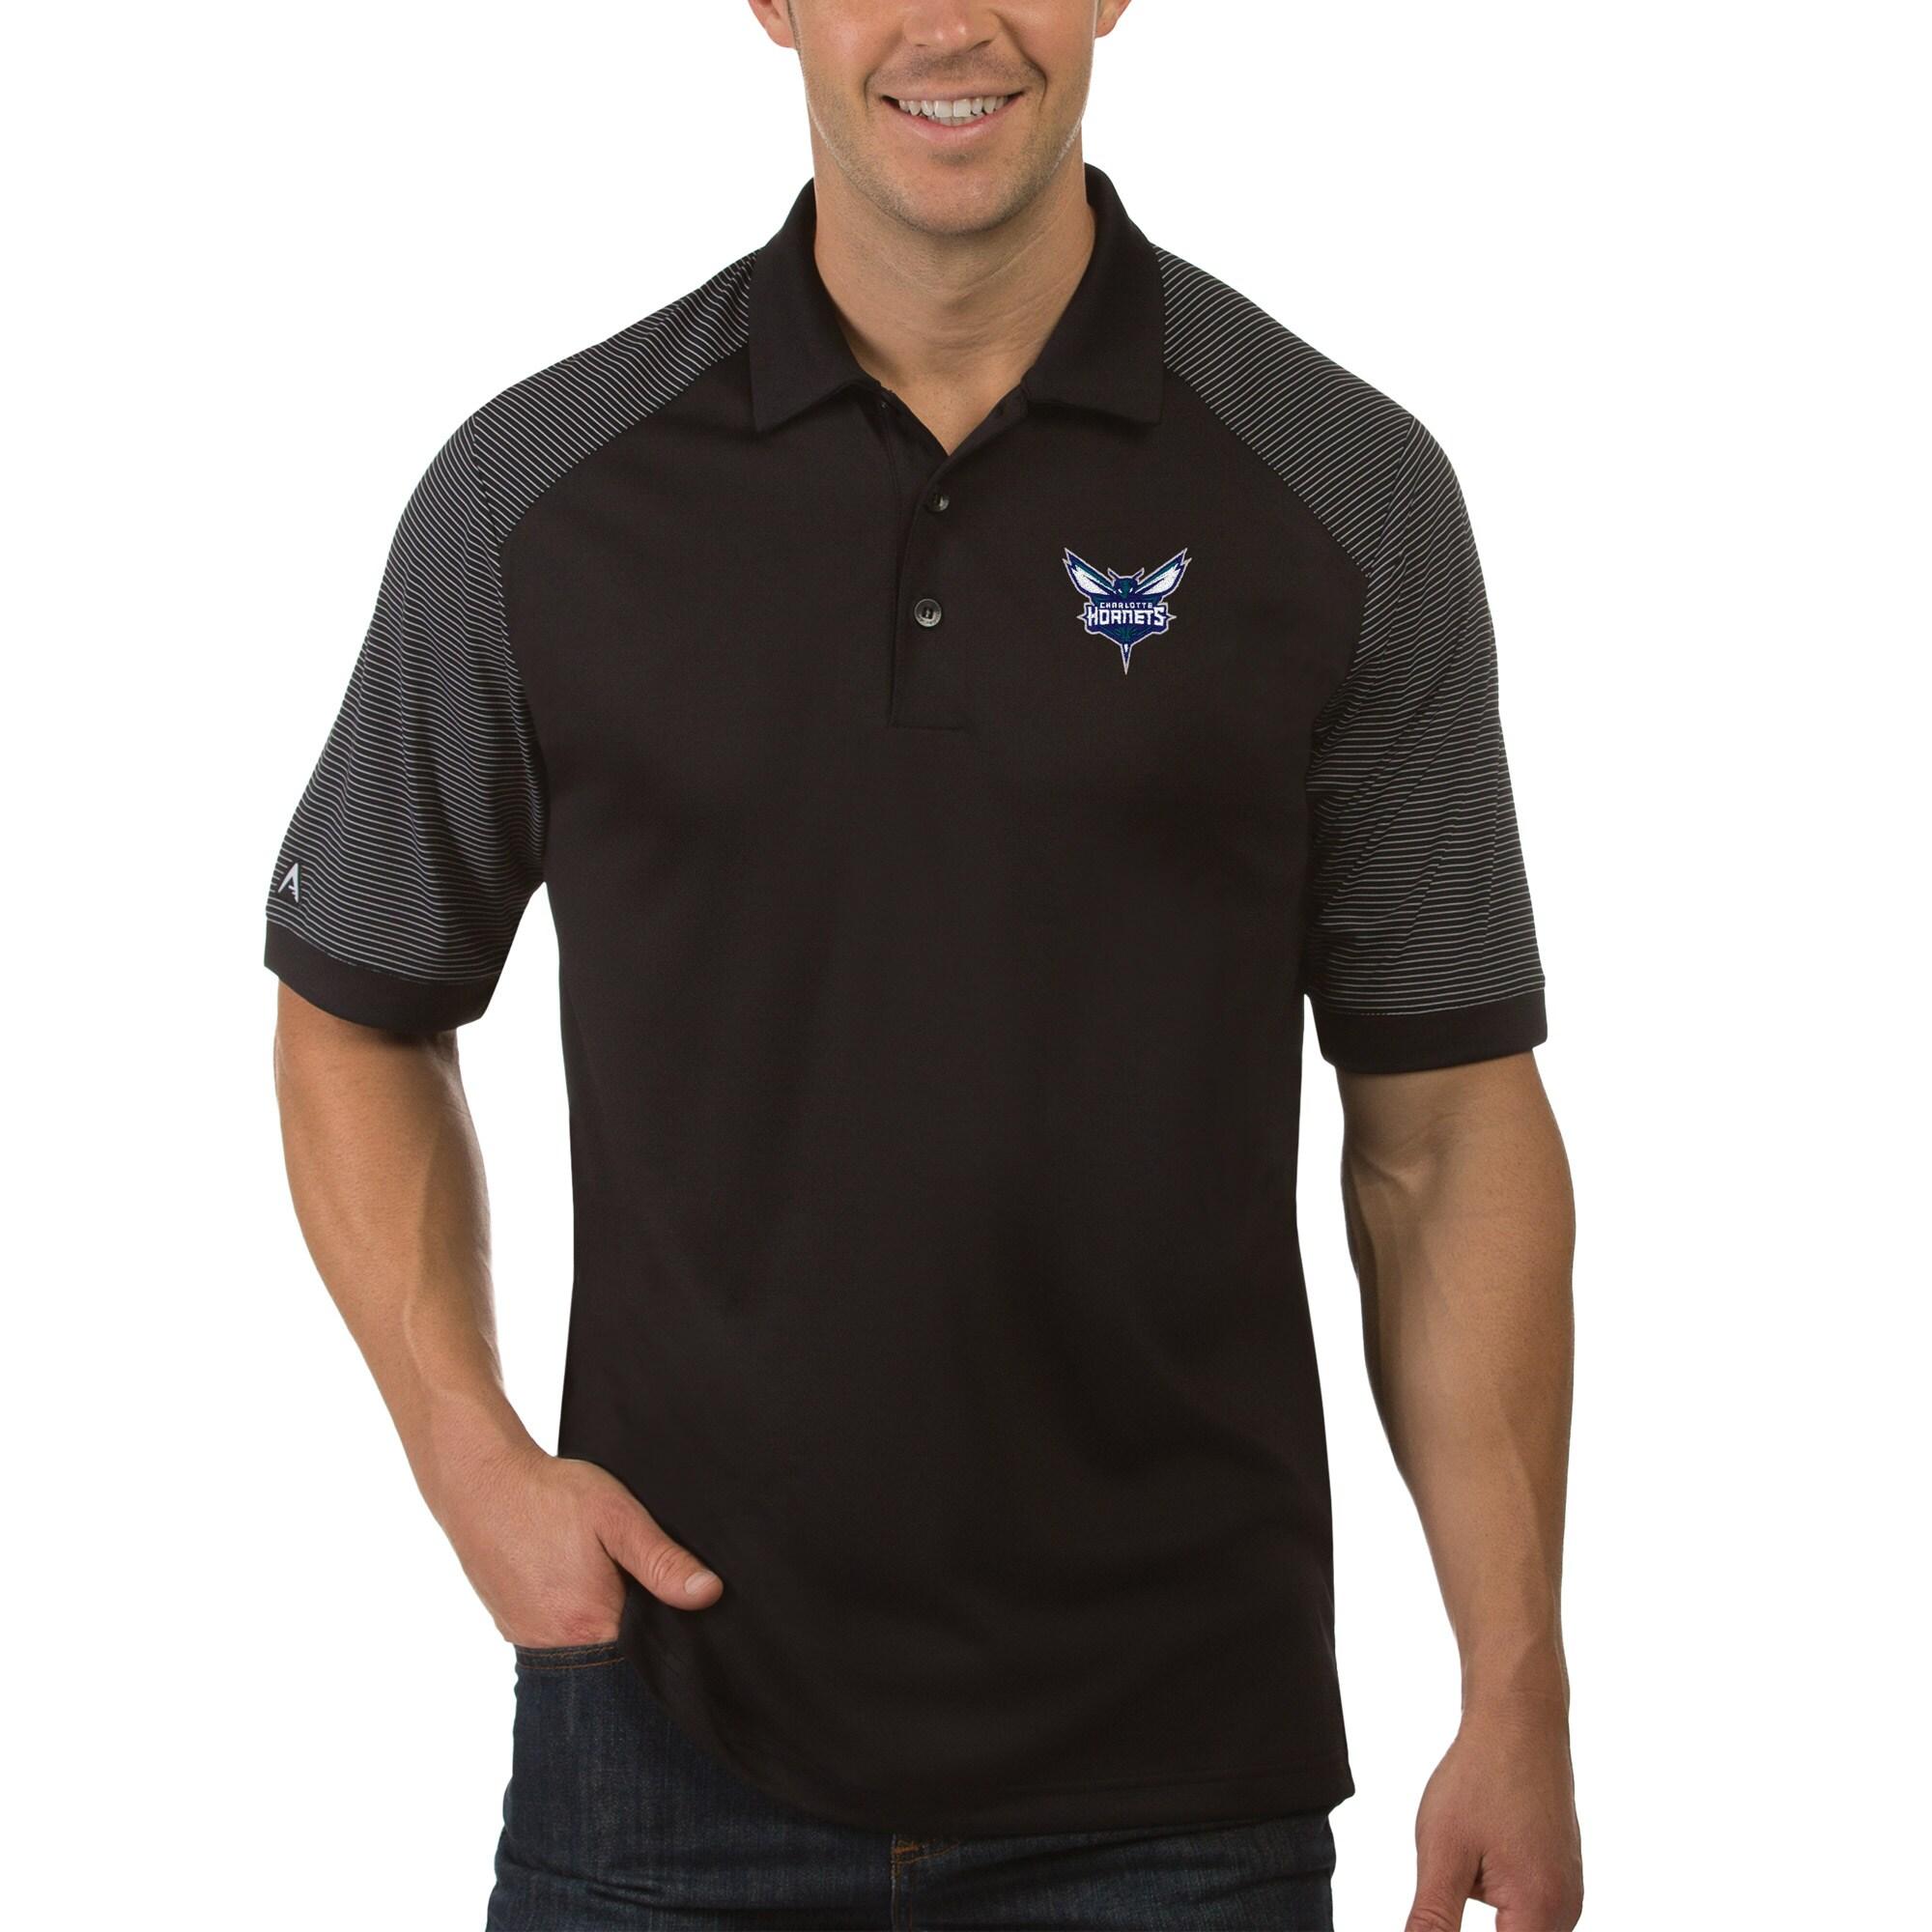 Charlotte Hornets Antigua Engage Polo - Black